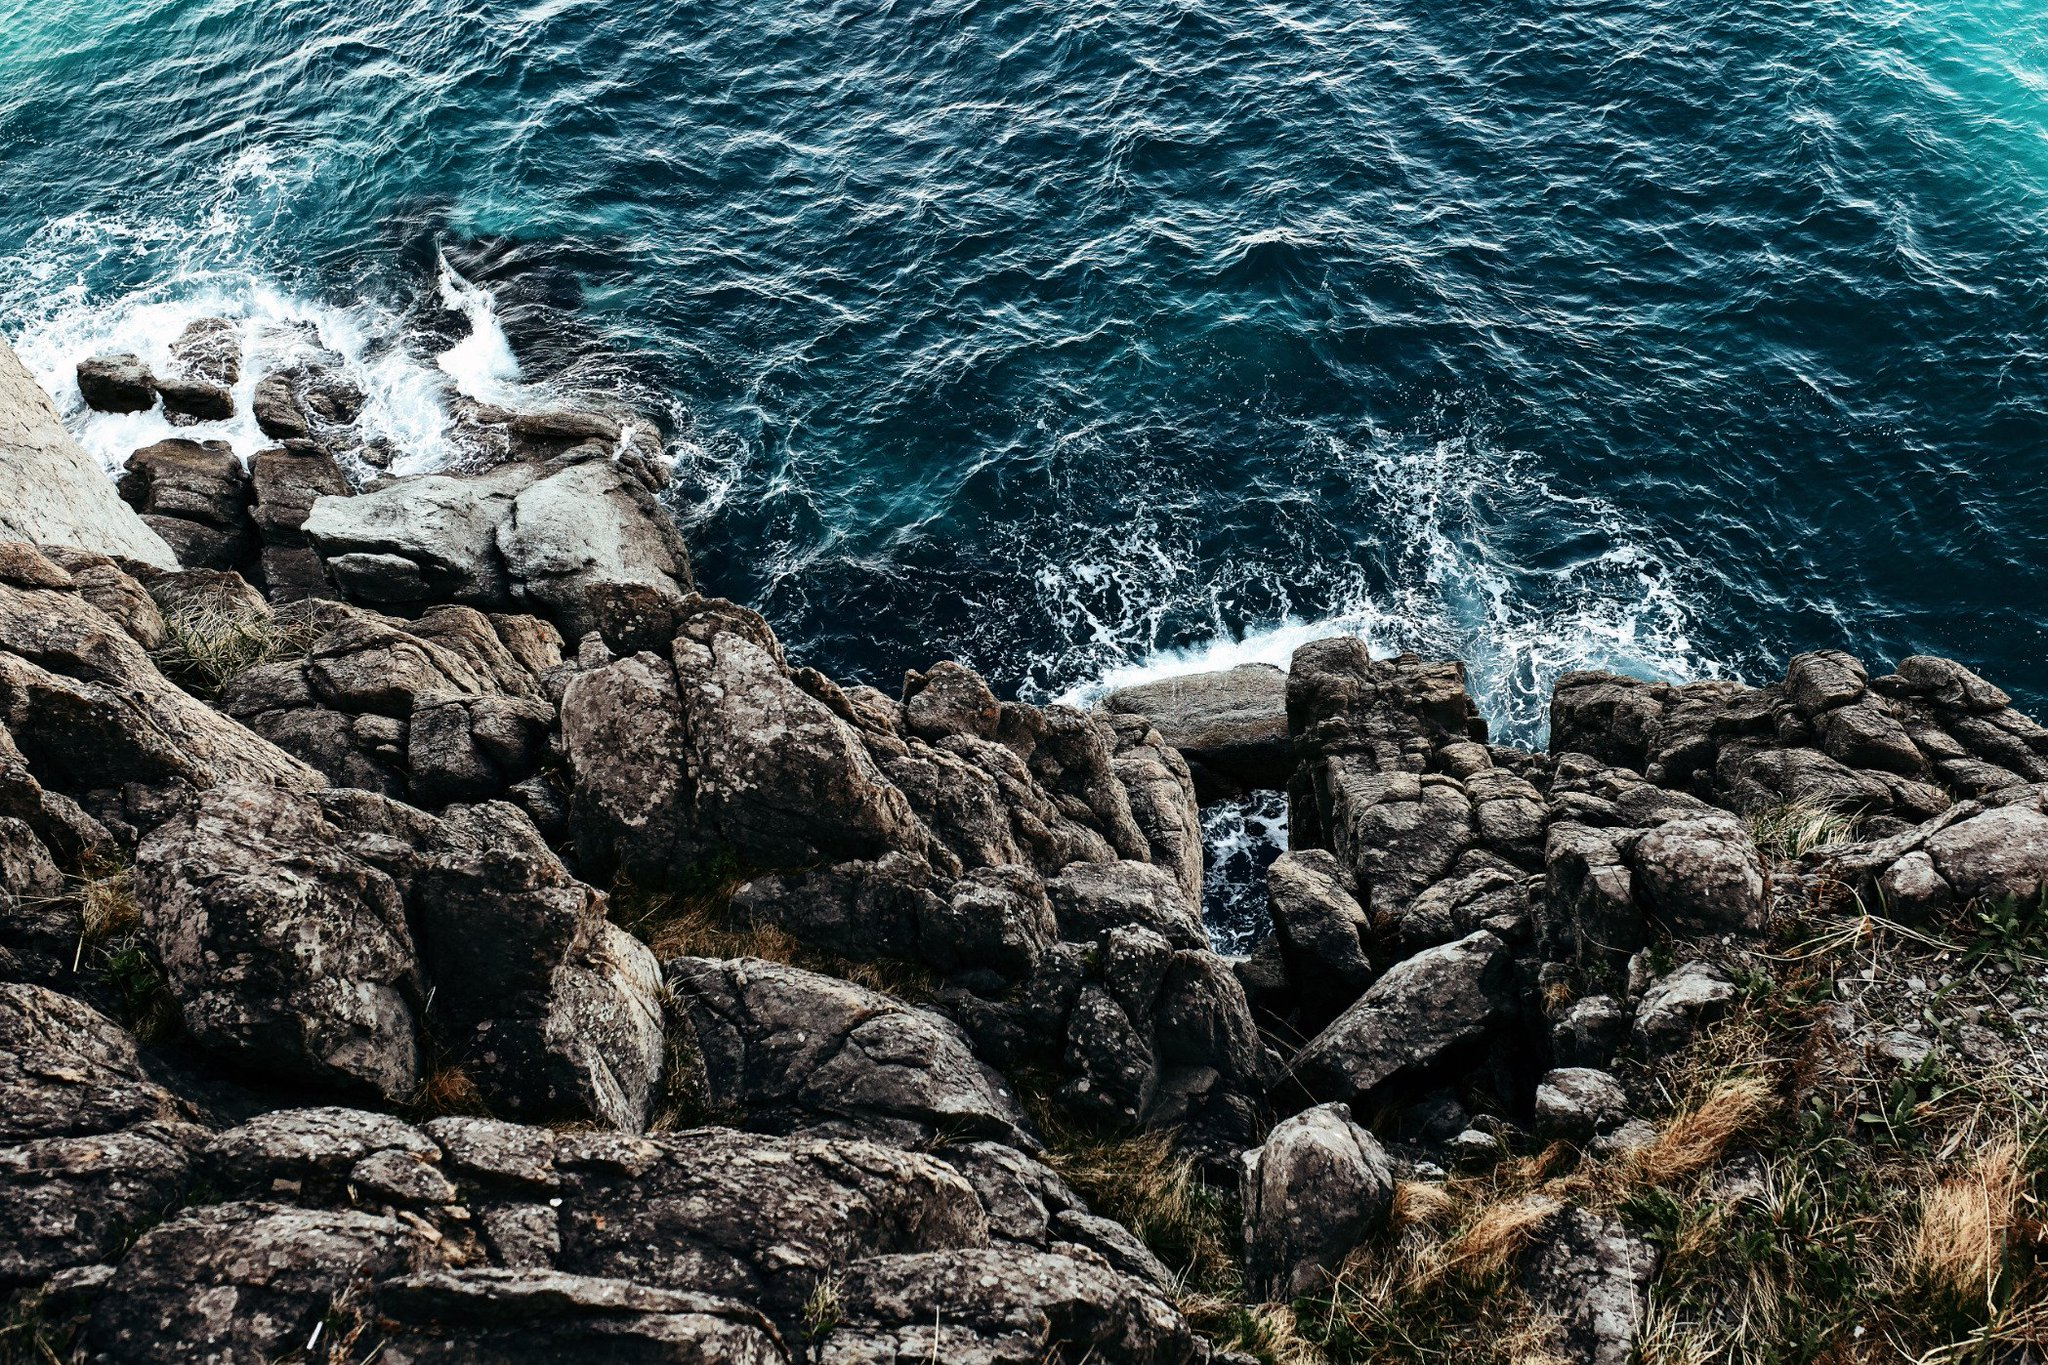 Мыс Брюса с коричнево-серыми скалами и сине-зелёным морем